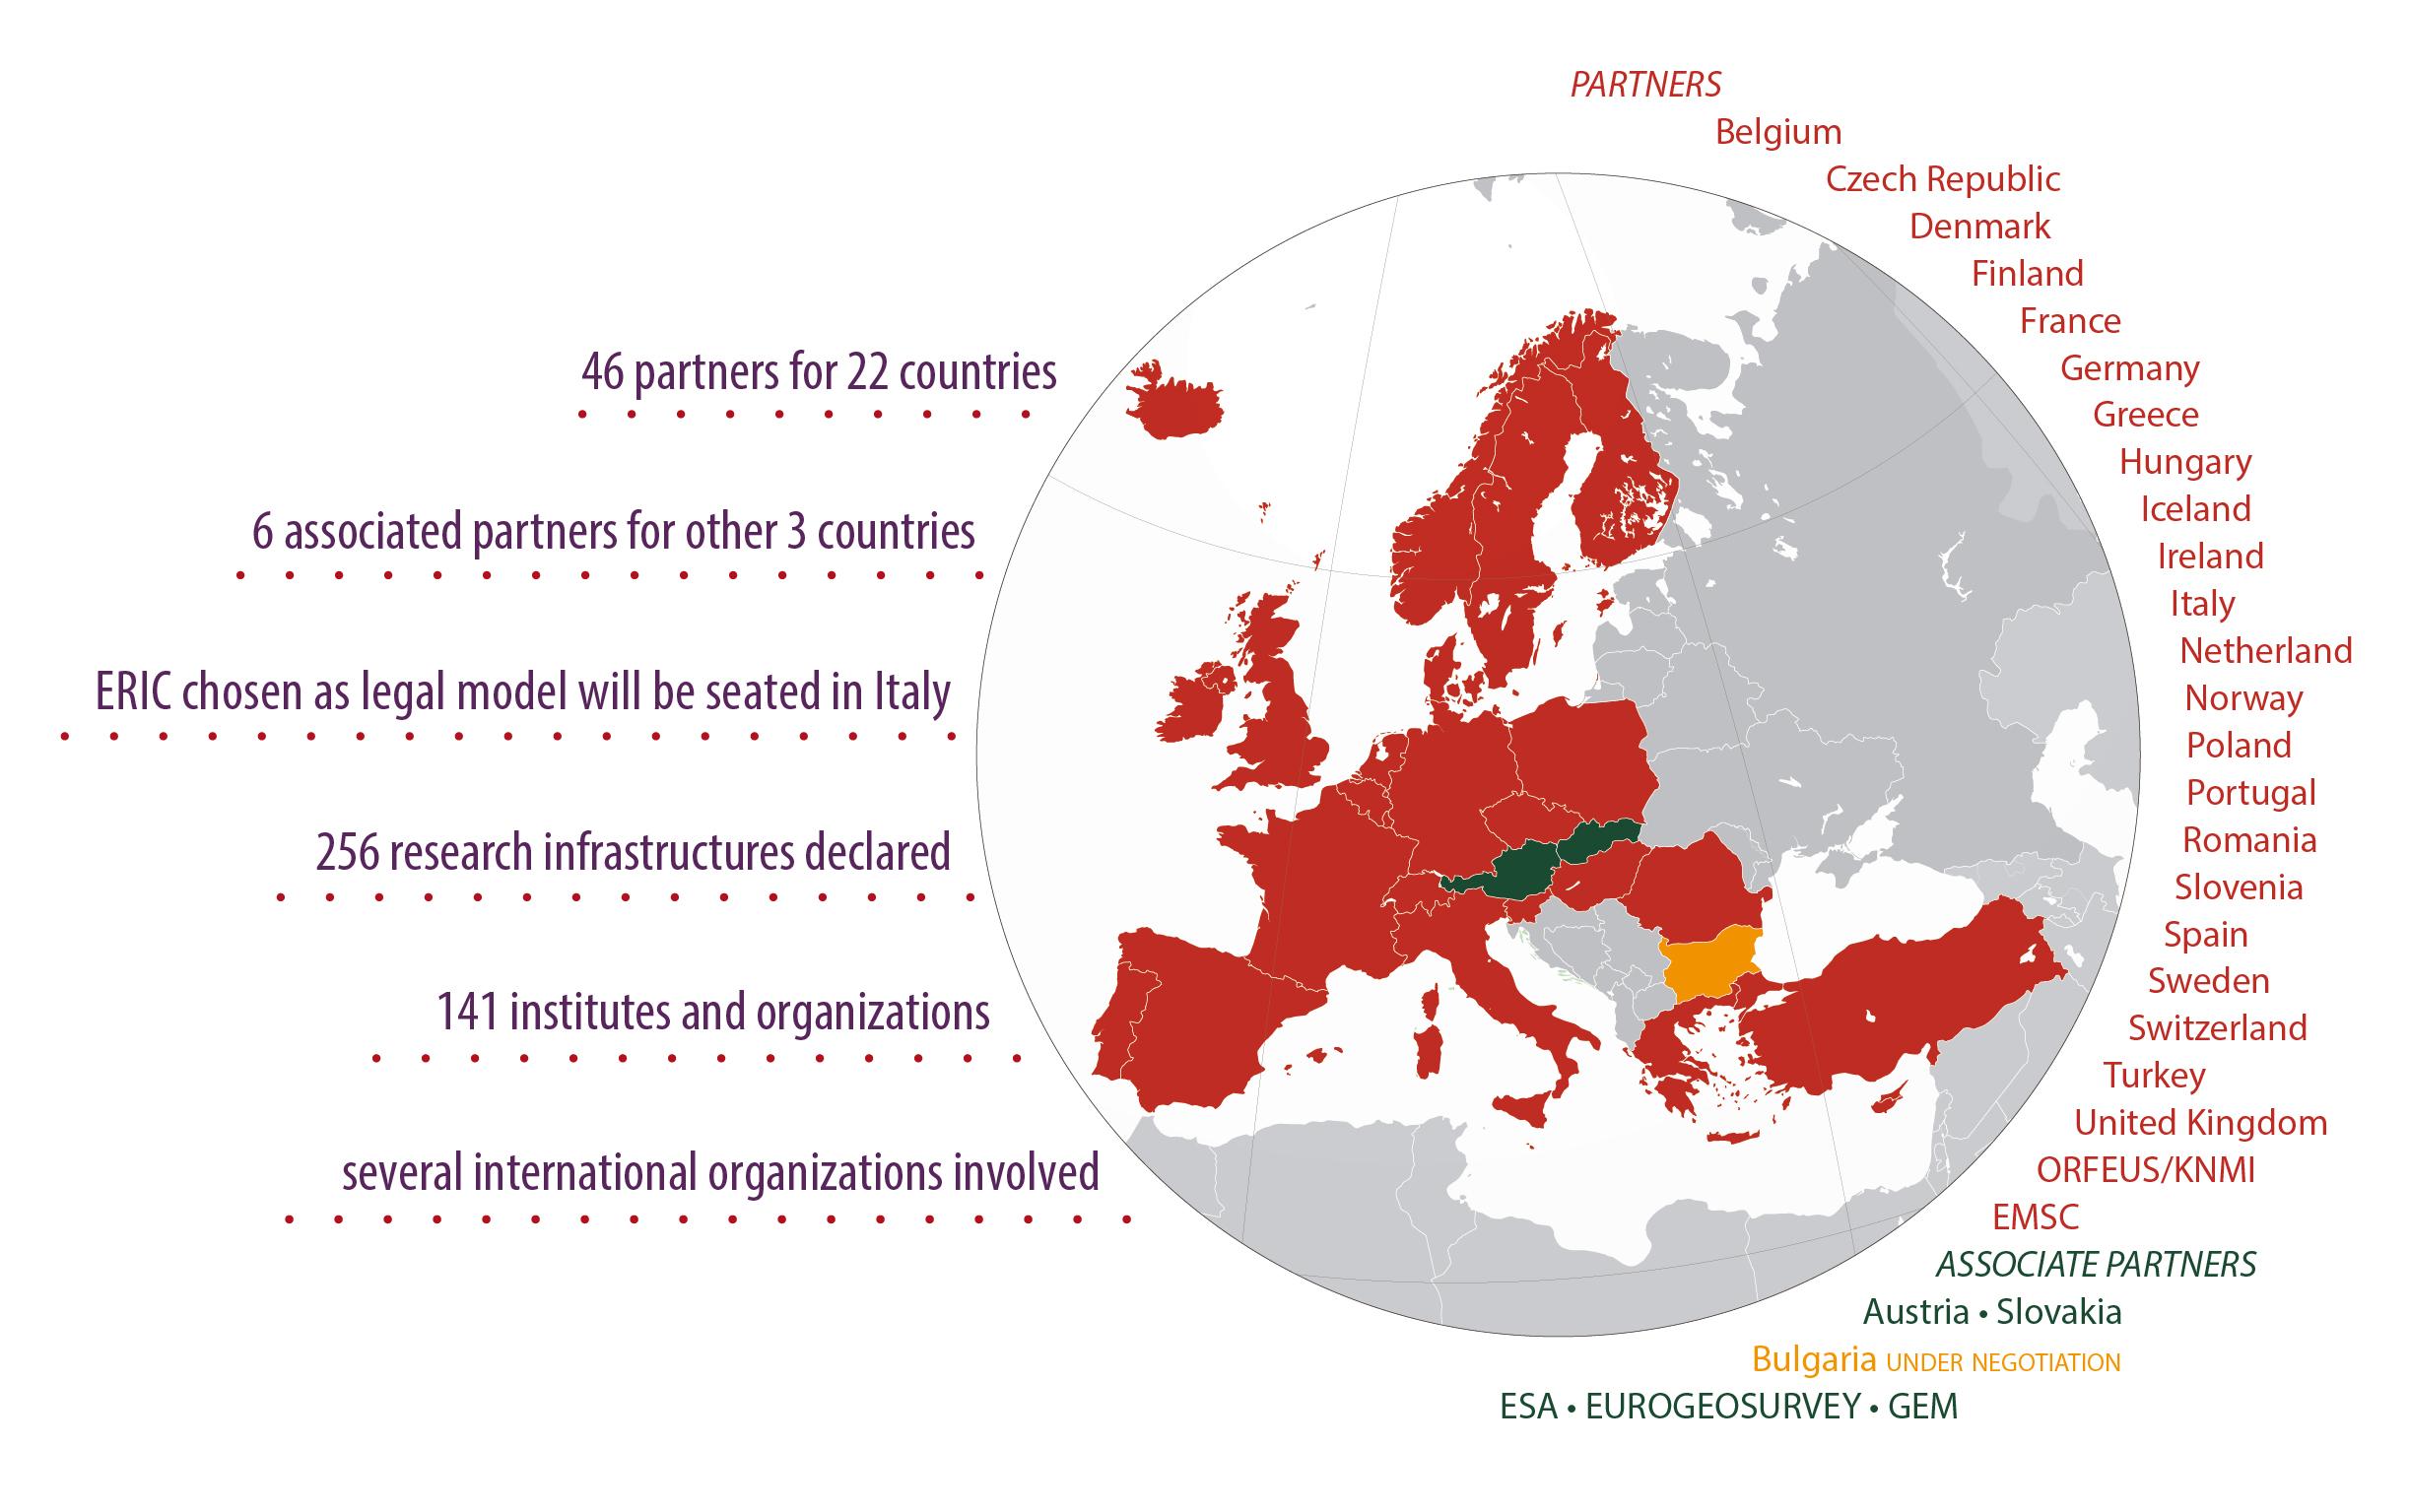 EPOS partnership figure